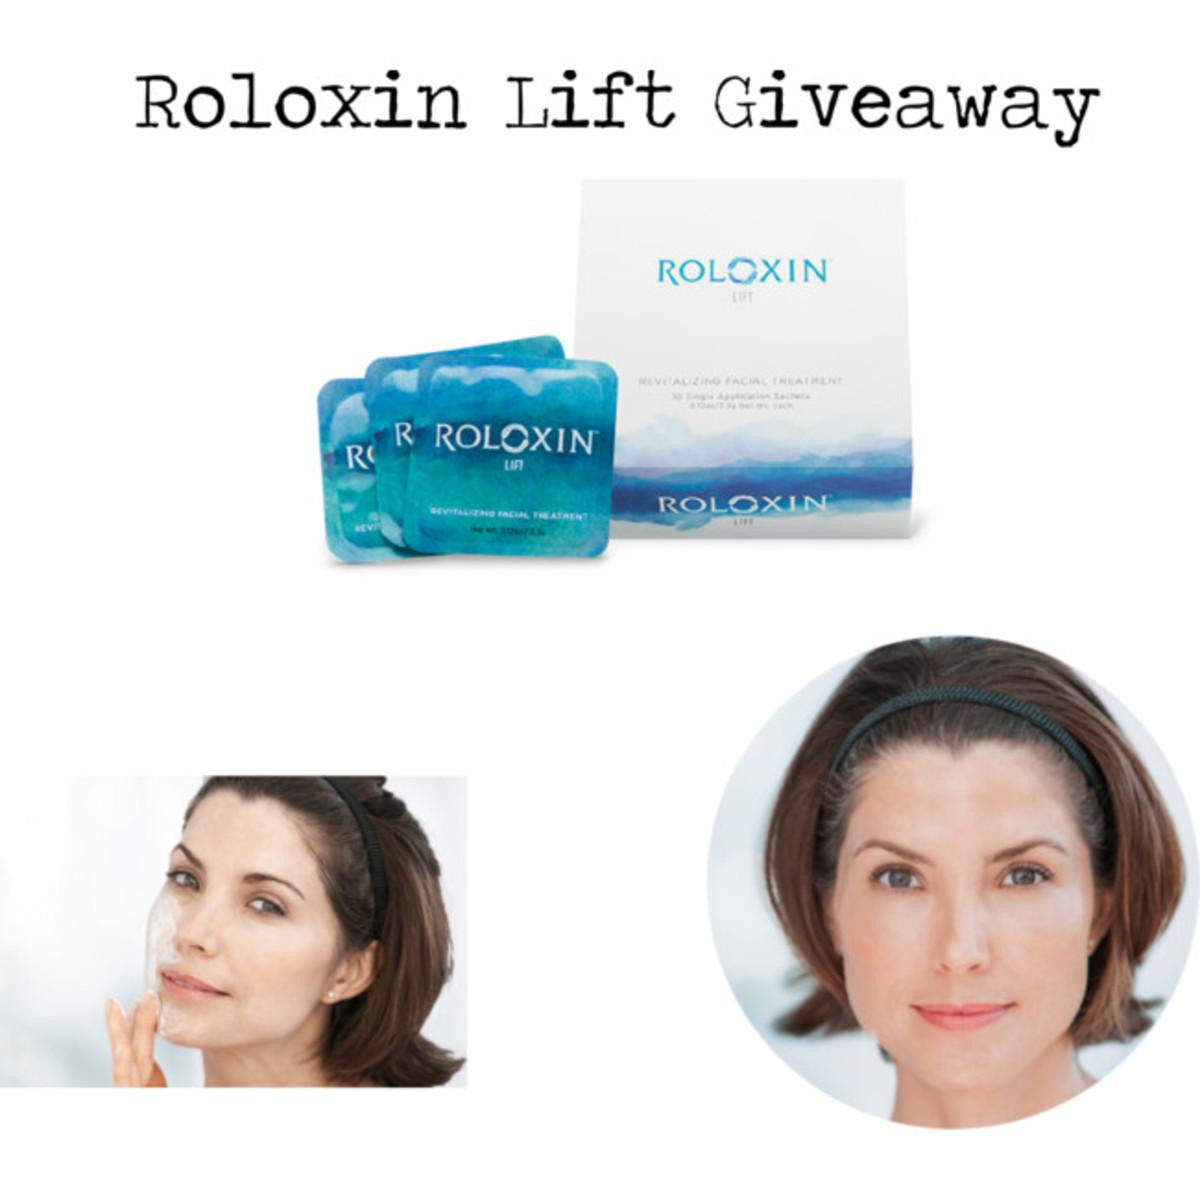 roloxin lift skincare